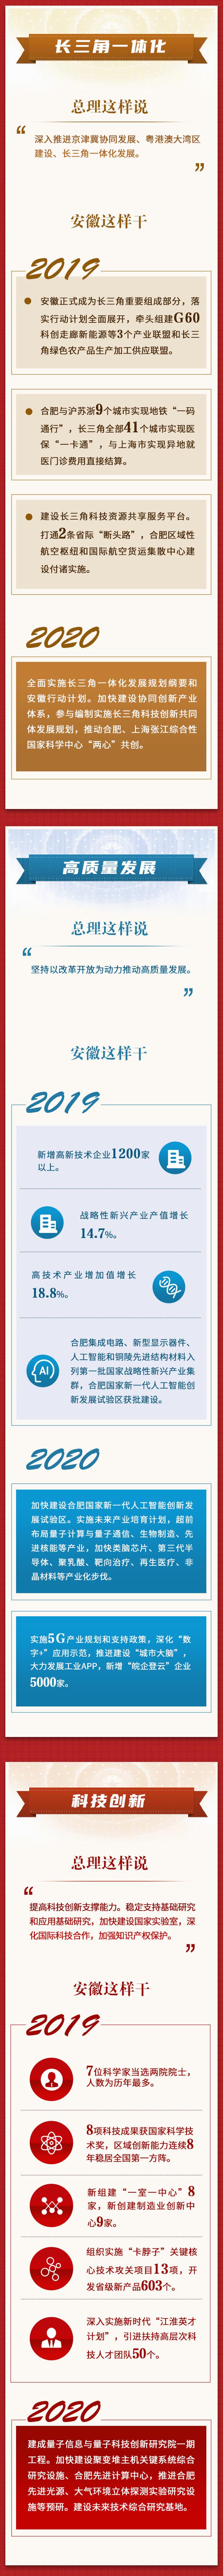 政府报告看安徽-定02.jpg